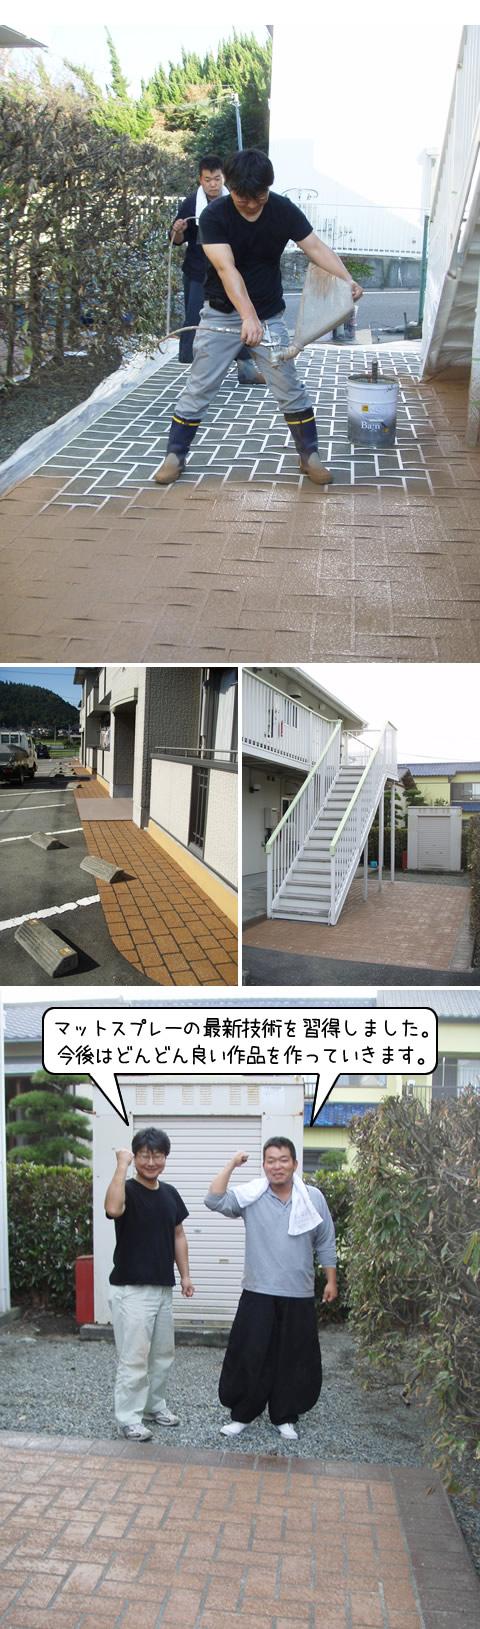 2011117_1_20121126100633.jpg